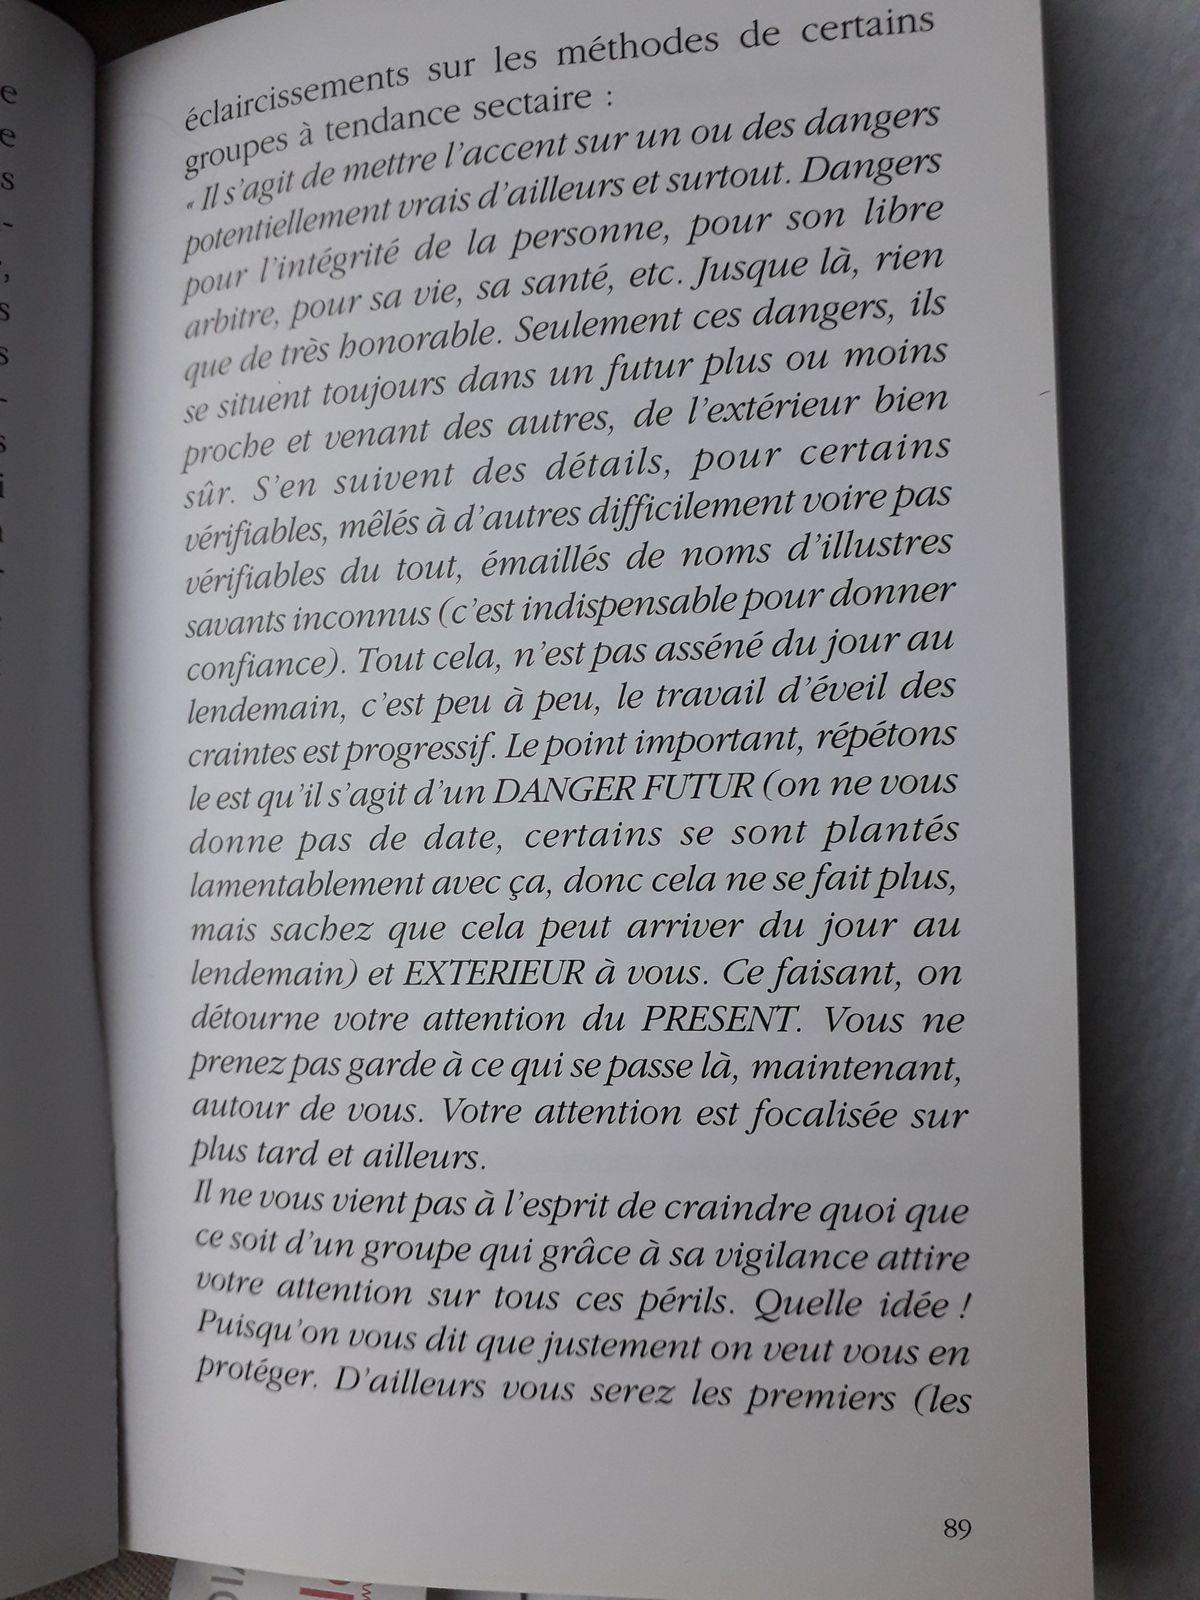 Suite Pluie de Poussières d'Etoiles, page 88 à 93